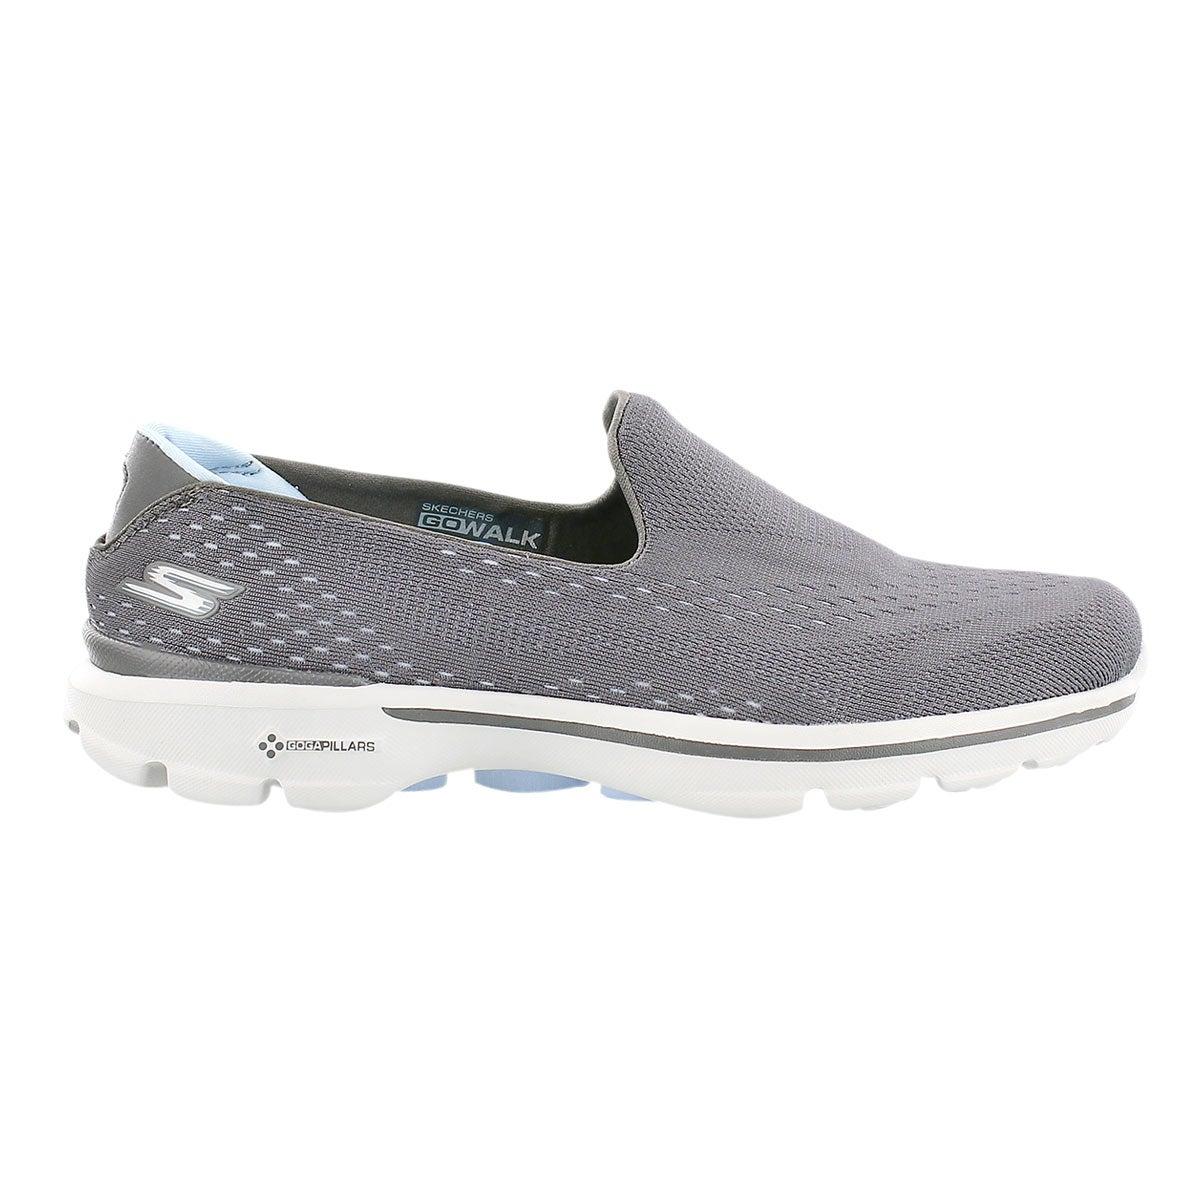 Lds GOwalk 3 gry/blu slipon walking shoe